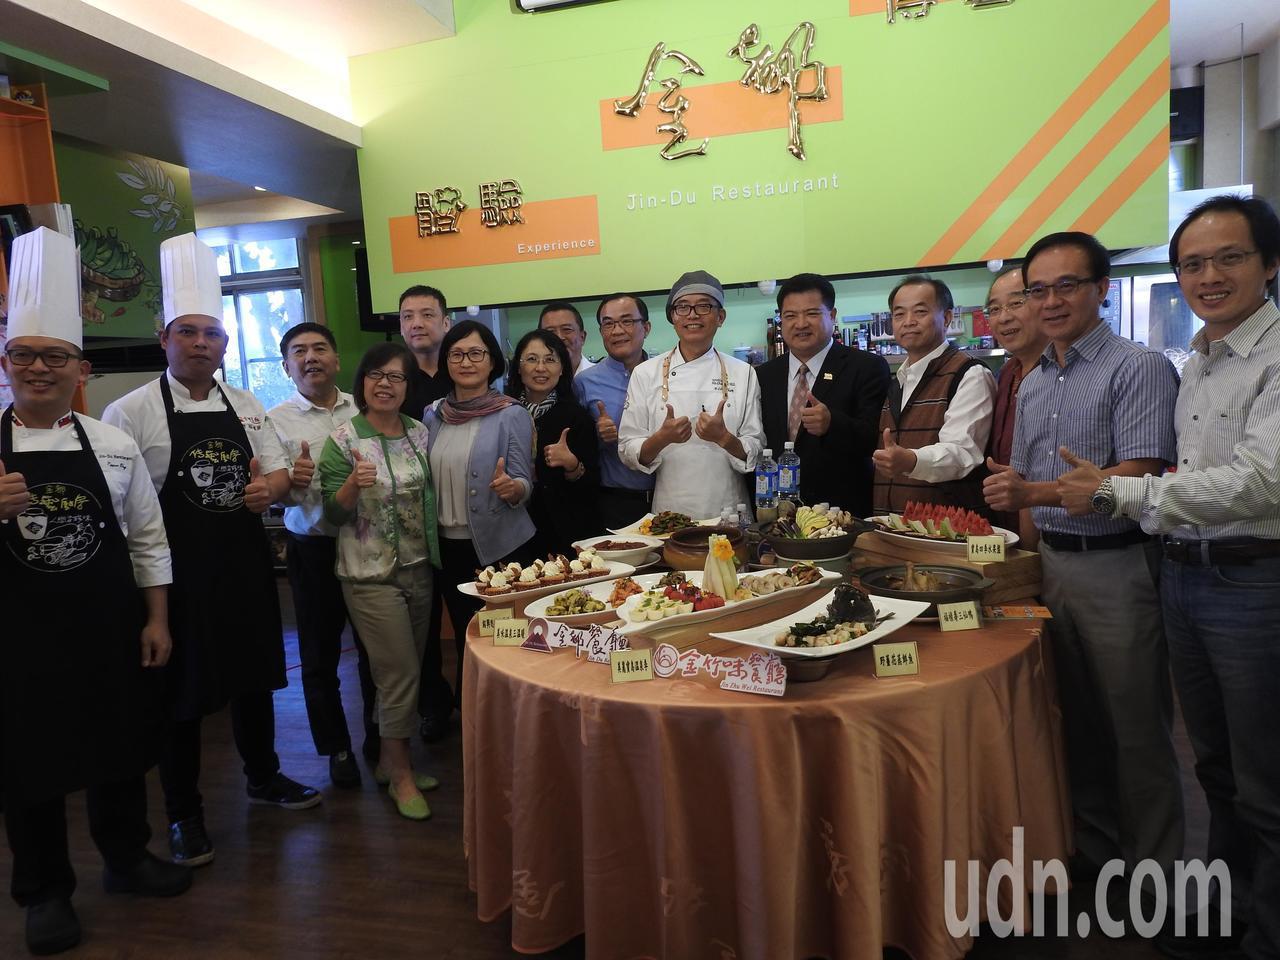 中華民國溫泉觀光協會今在南投縣埔里金都餐廳辦論壇,吸引國內15處溫泉區逾百業者出...